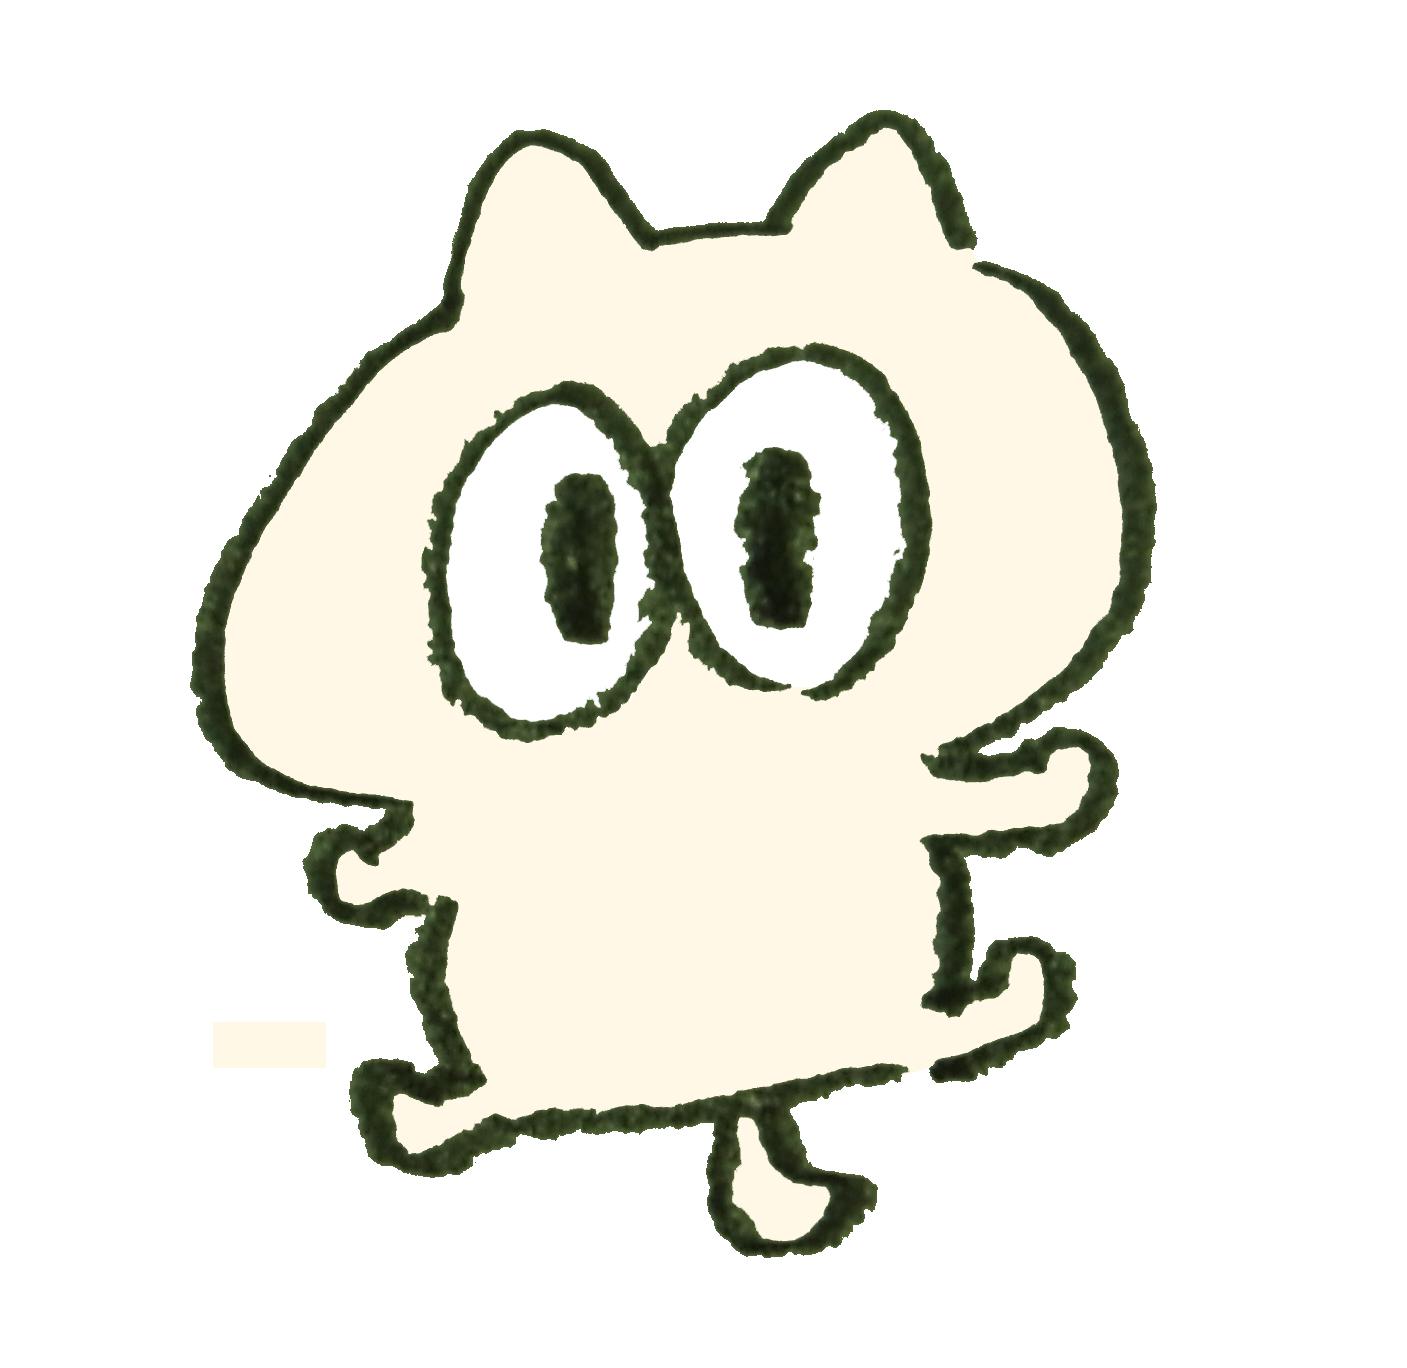 目がくりくりした猫